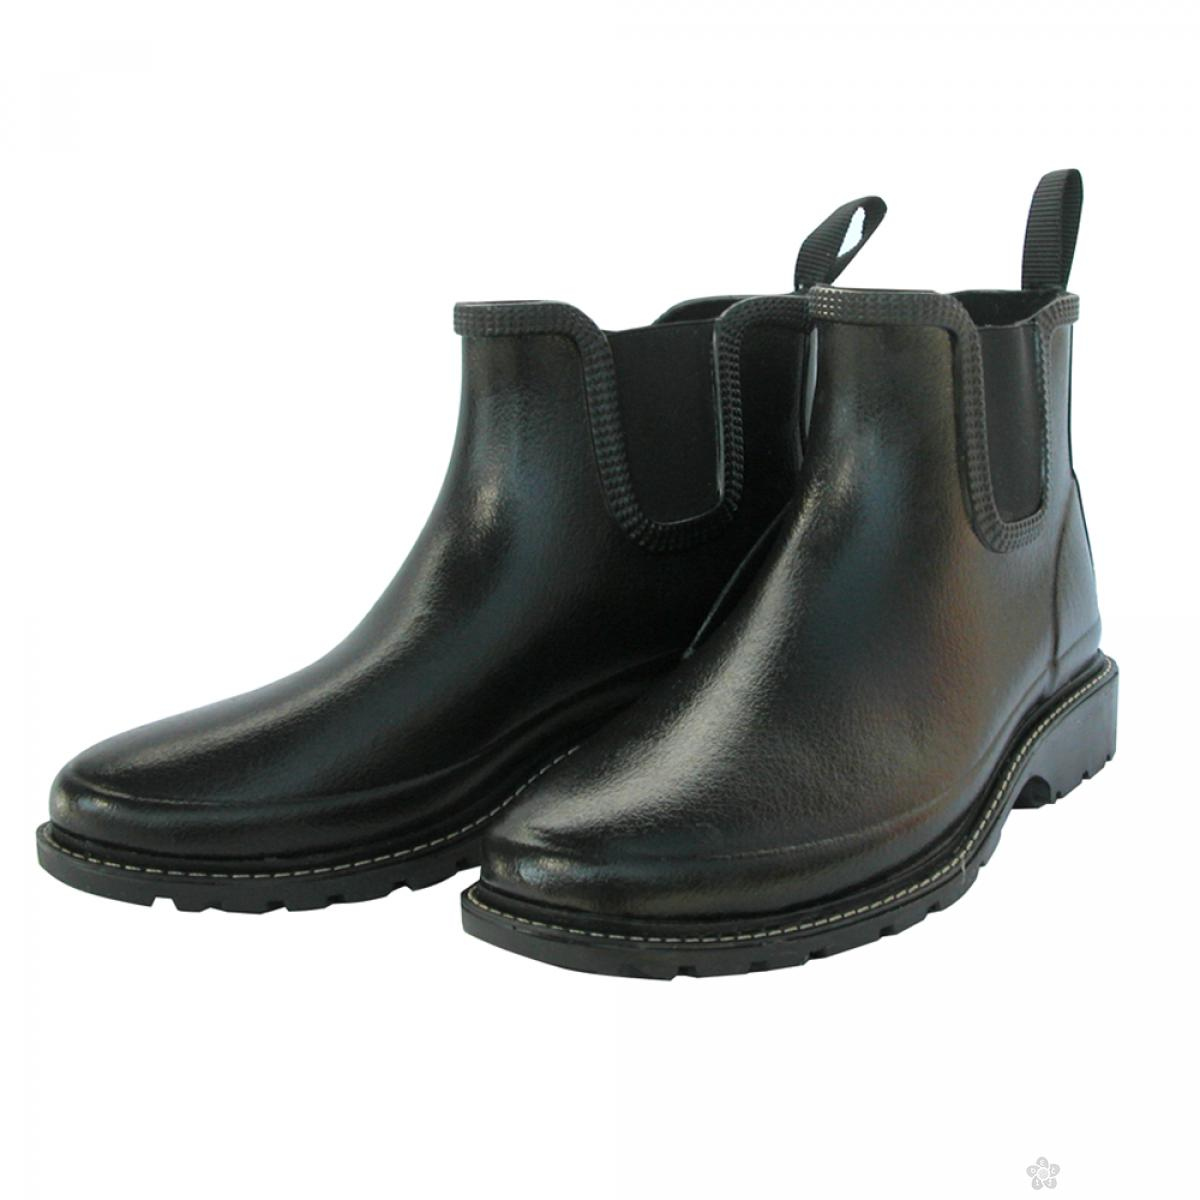 Ženske cipele-gumene crne